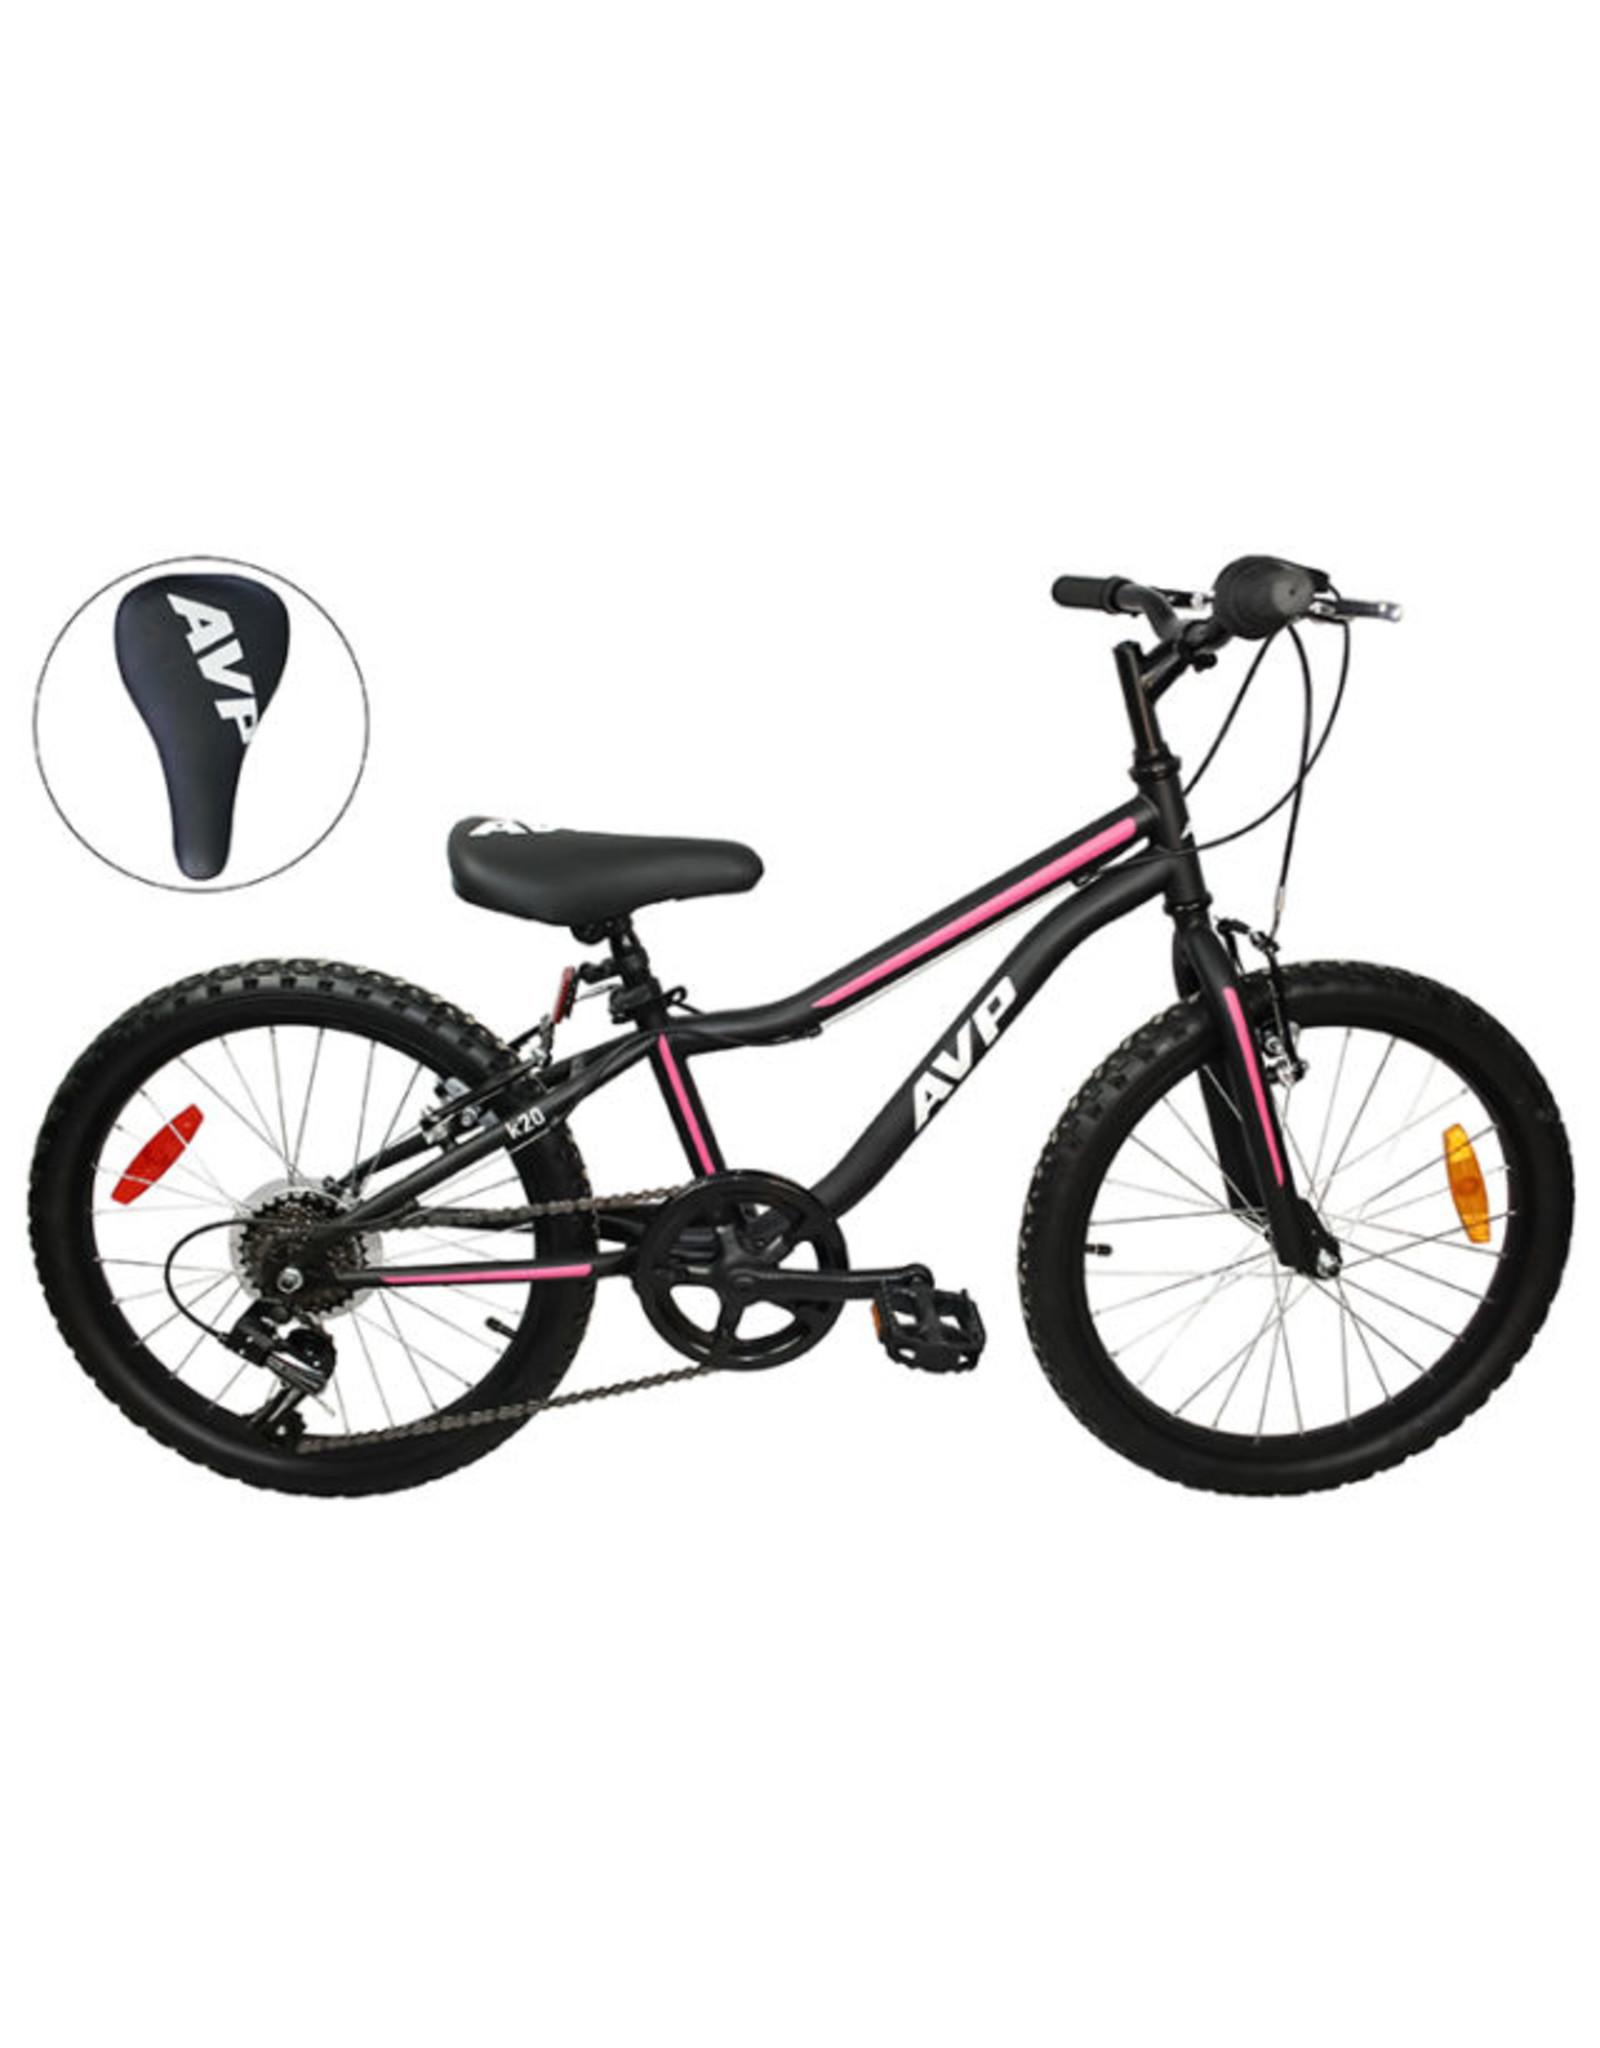 Vélo junior AVP K20 7 vitesses